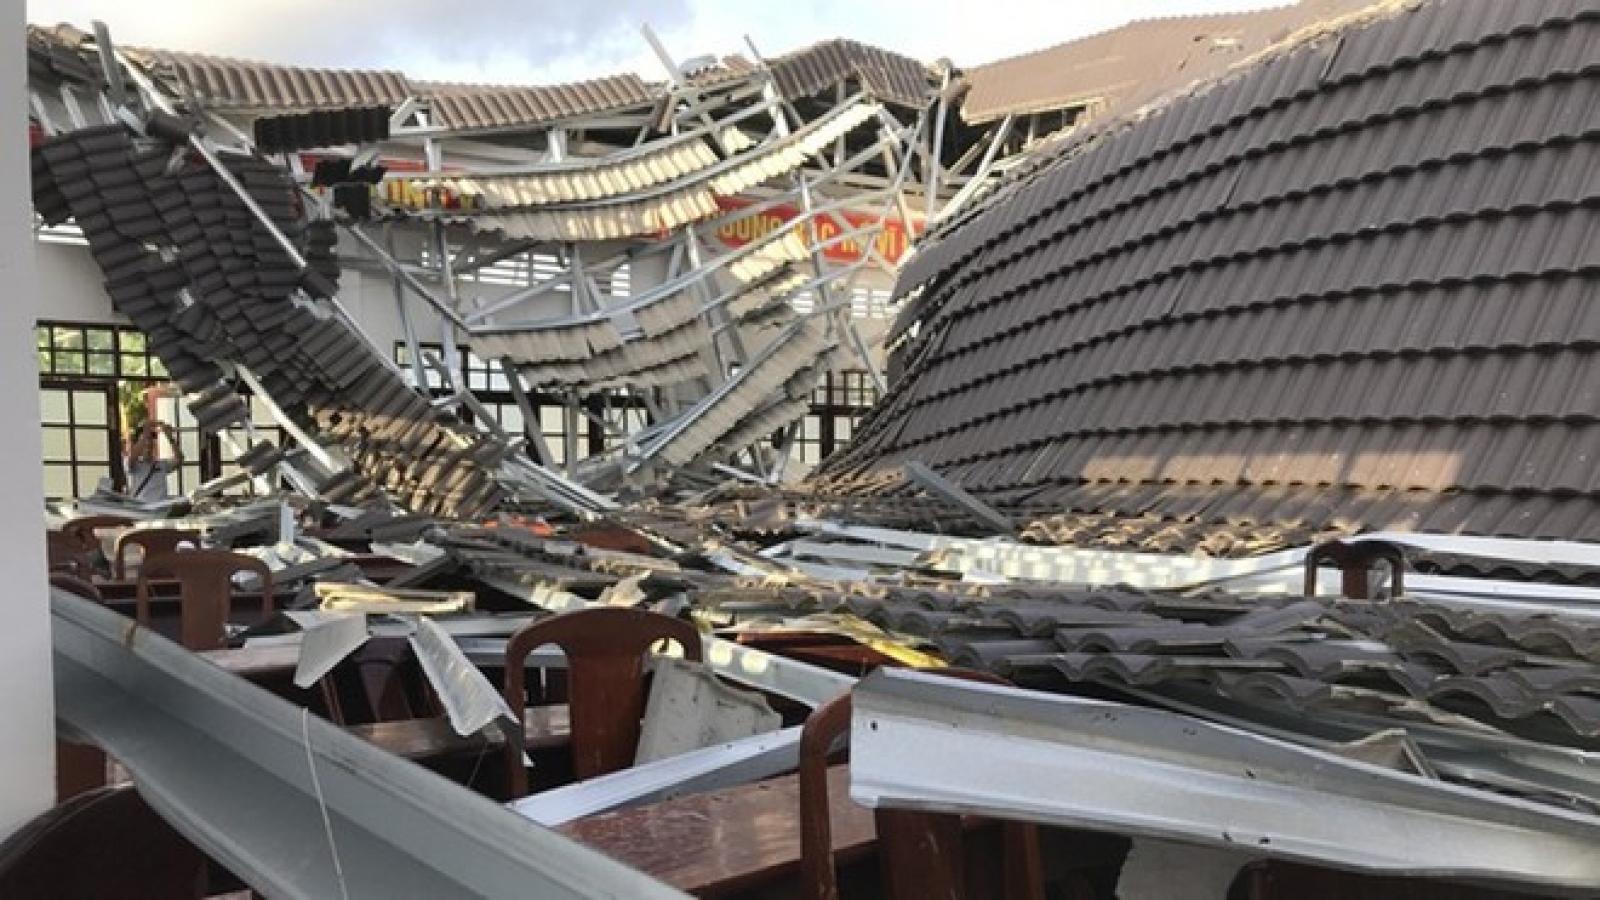 Sập mái nhà ở Thái Bình, 2 người chết tại chỗ, 2 người bị thương